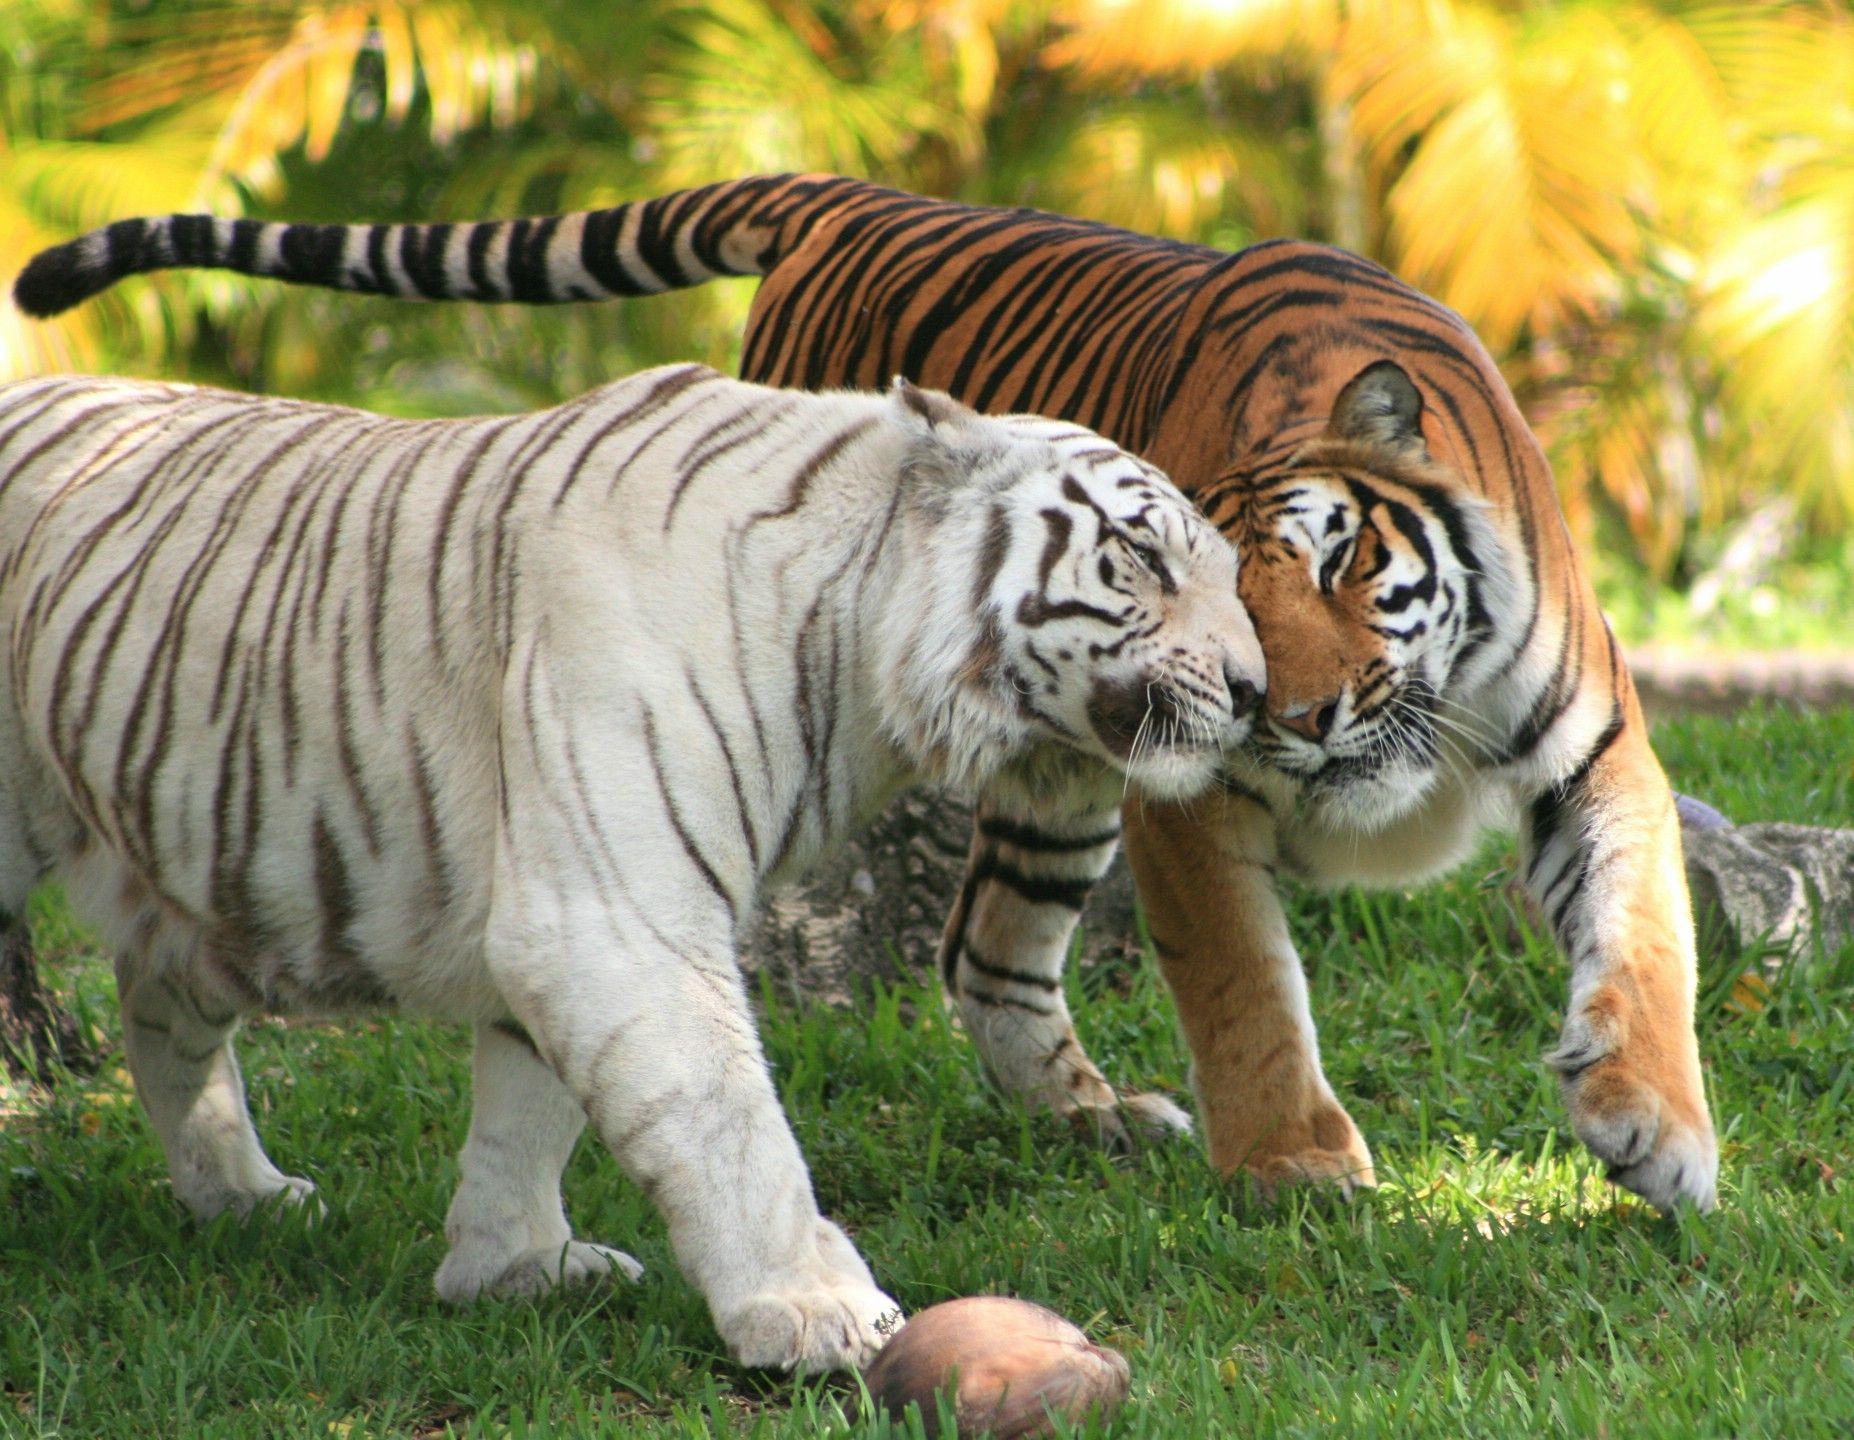 Tigre et tigre blanc les chats de loulou et lana - Images tigres gratuites ...